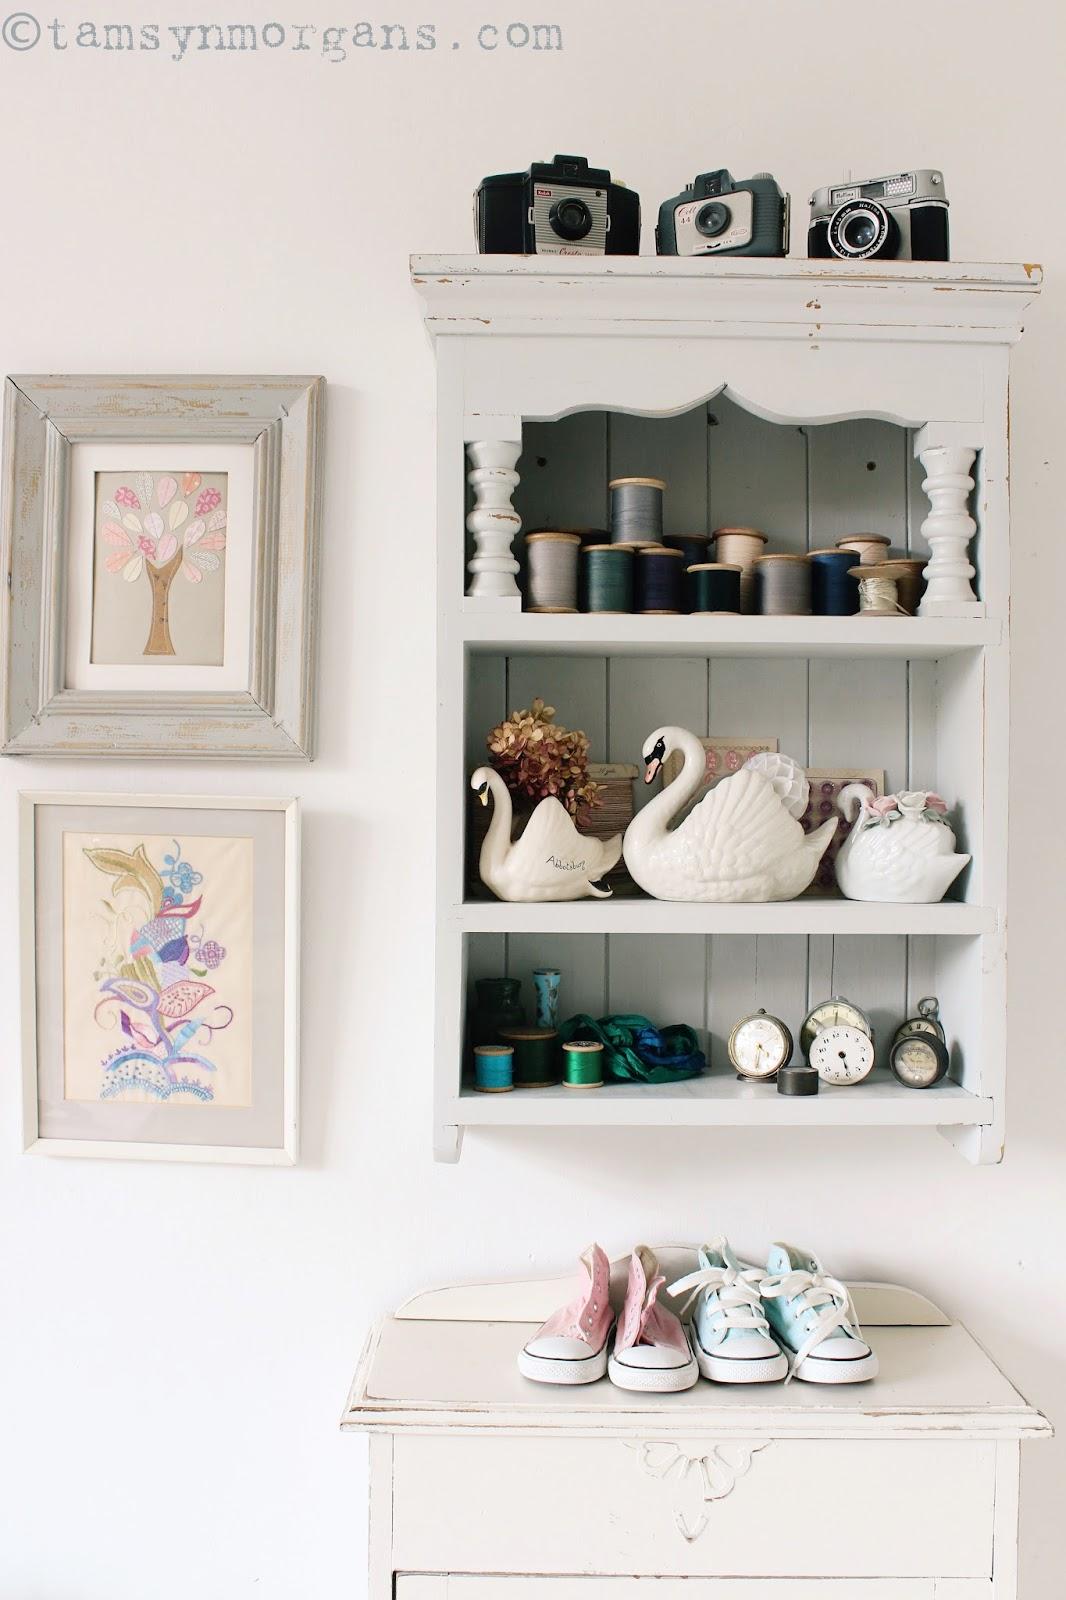 Little Shelves of Treasures